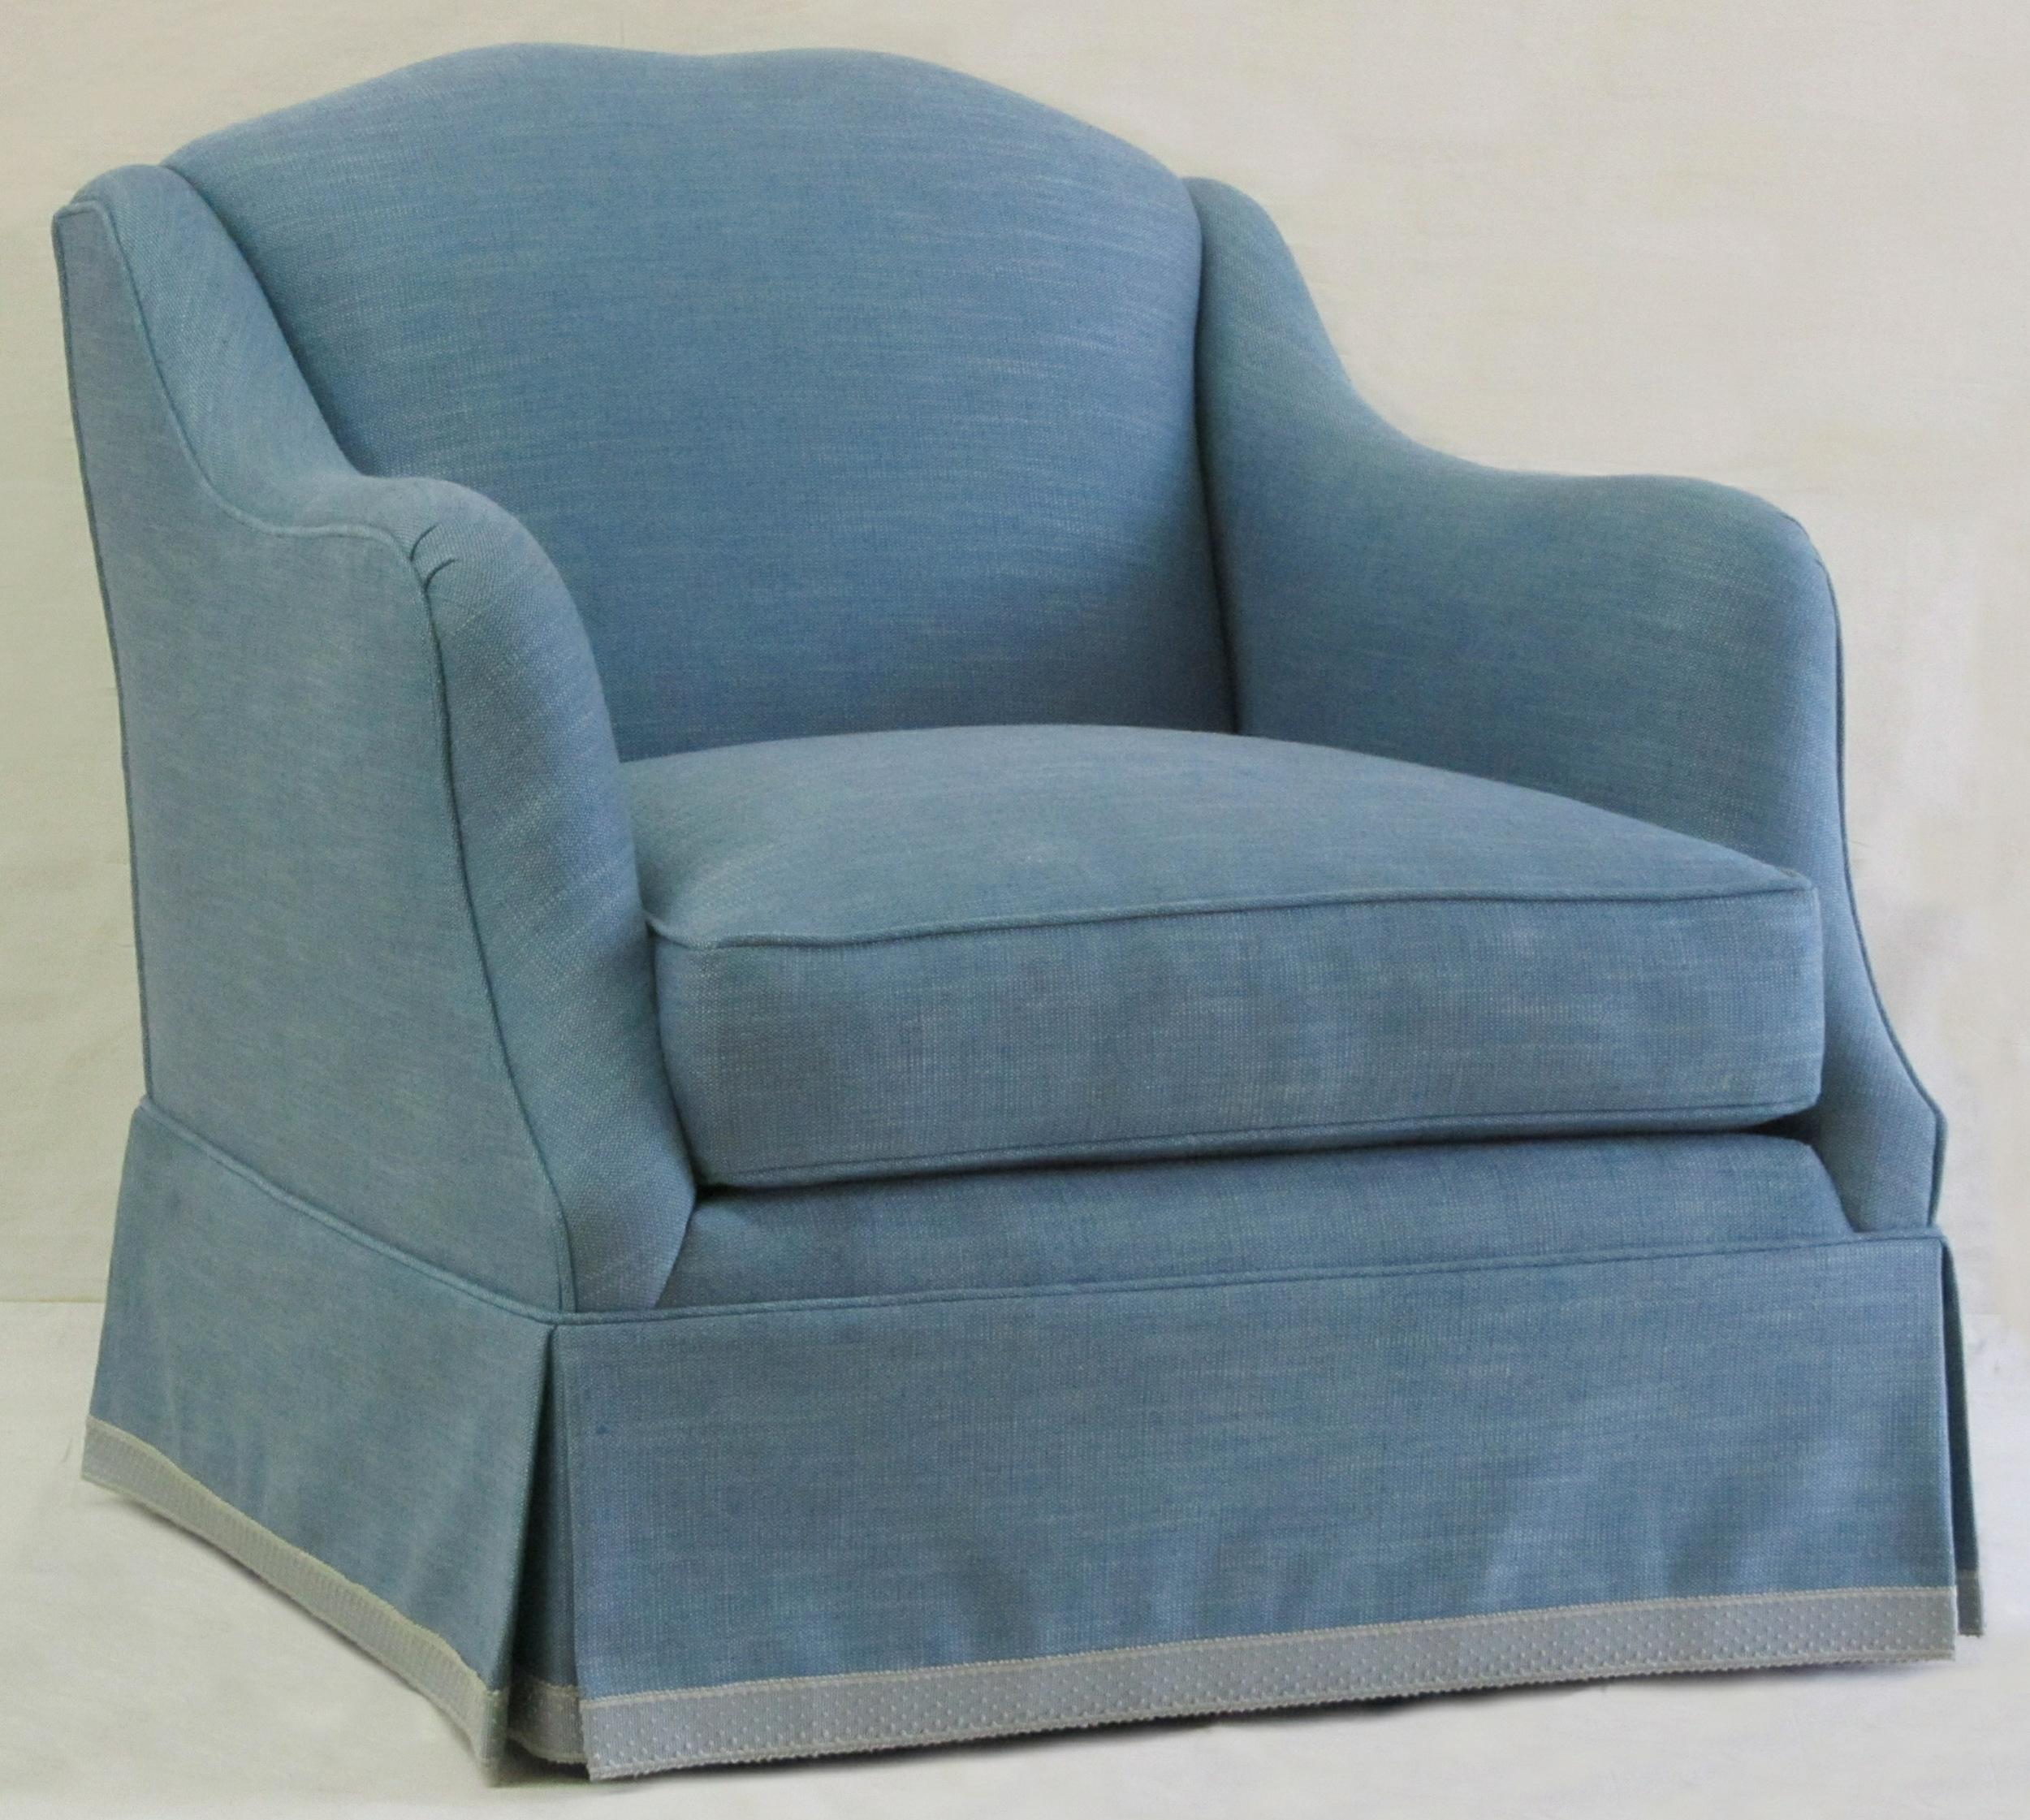 661 Lounge Chair